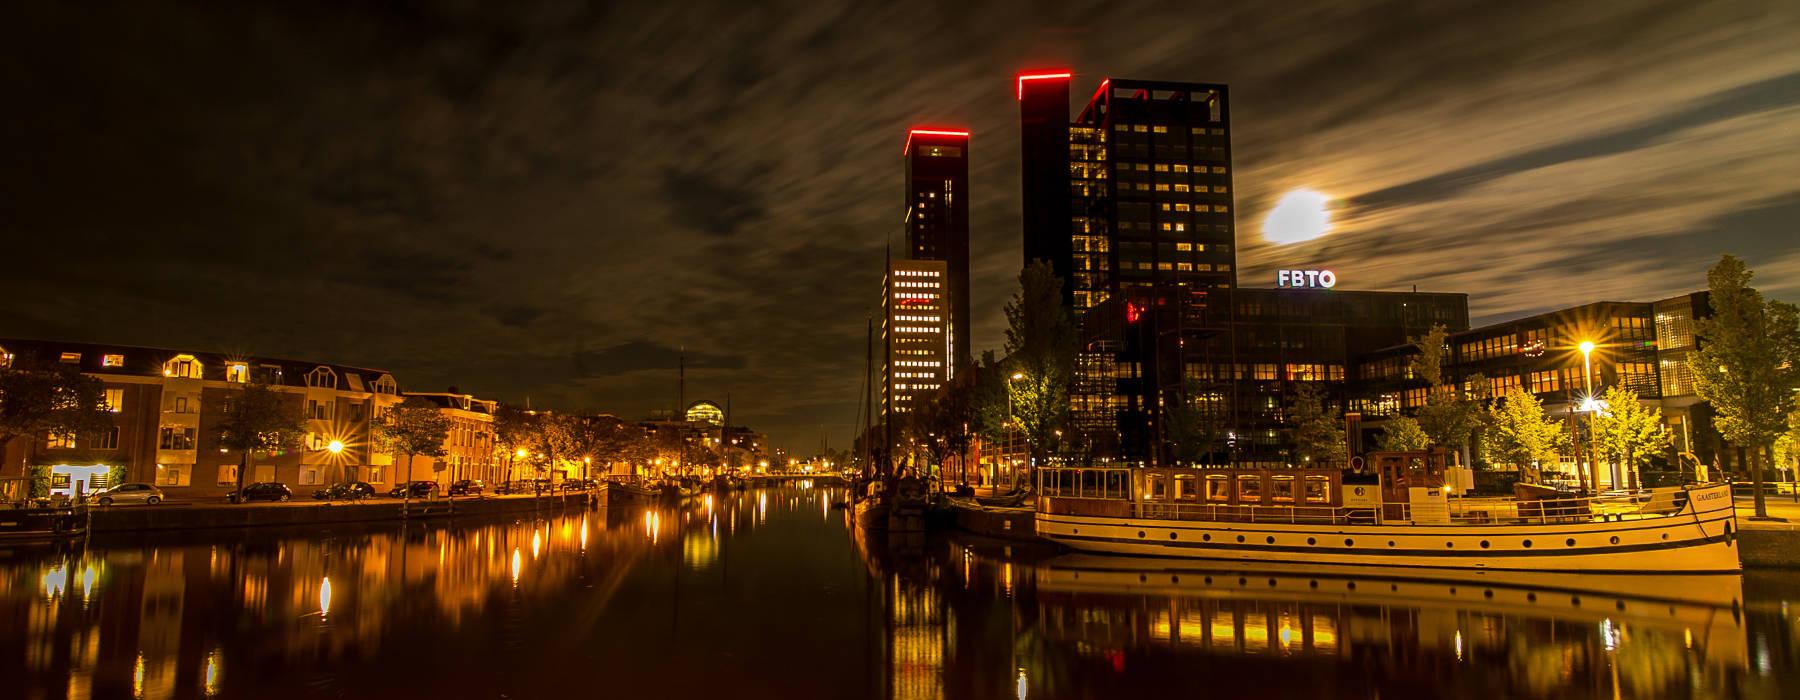 Nijs Gemeente Ljouwert - By nacht